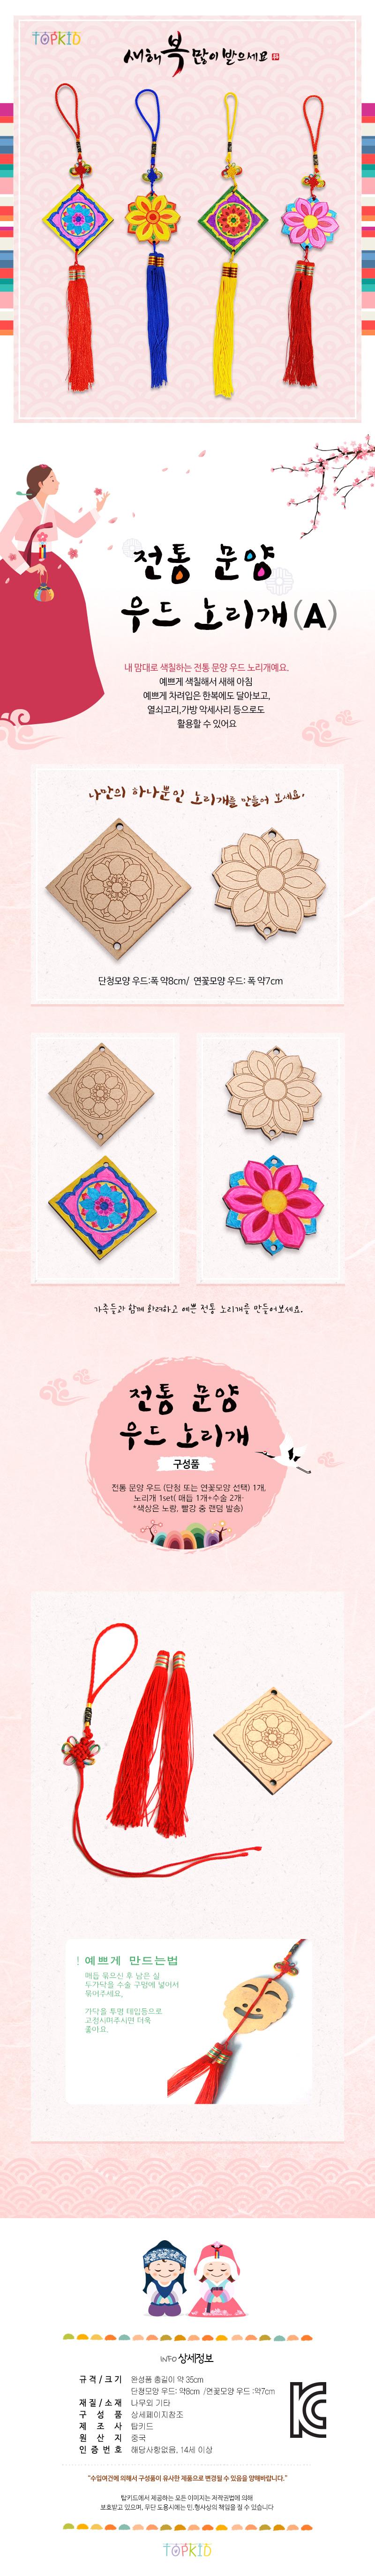 전통문양 우드 노리개 A - 하비파티, 1,600원, 전통/염색공예, 장신구/매듭 패키지